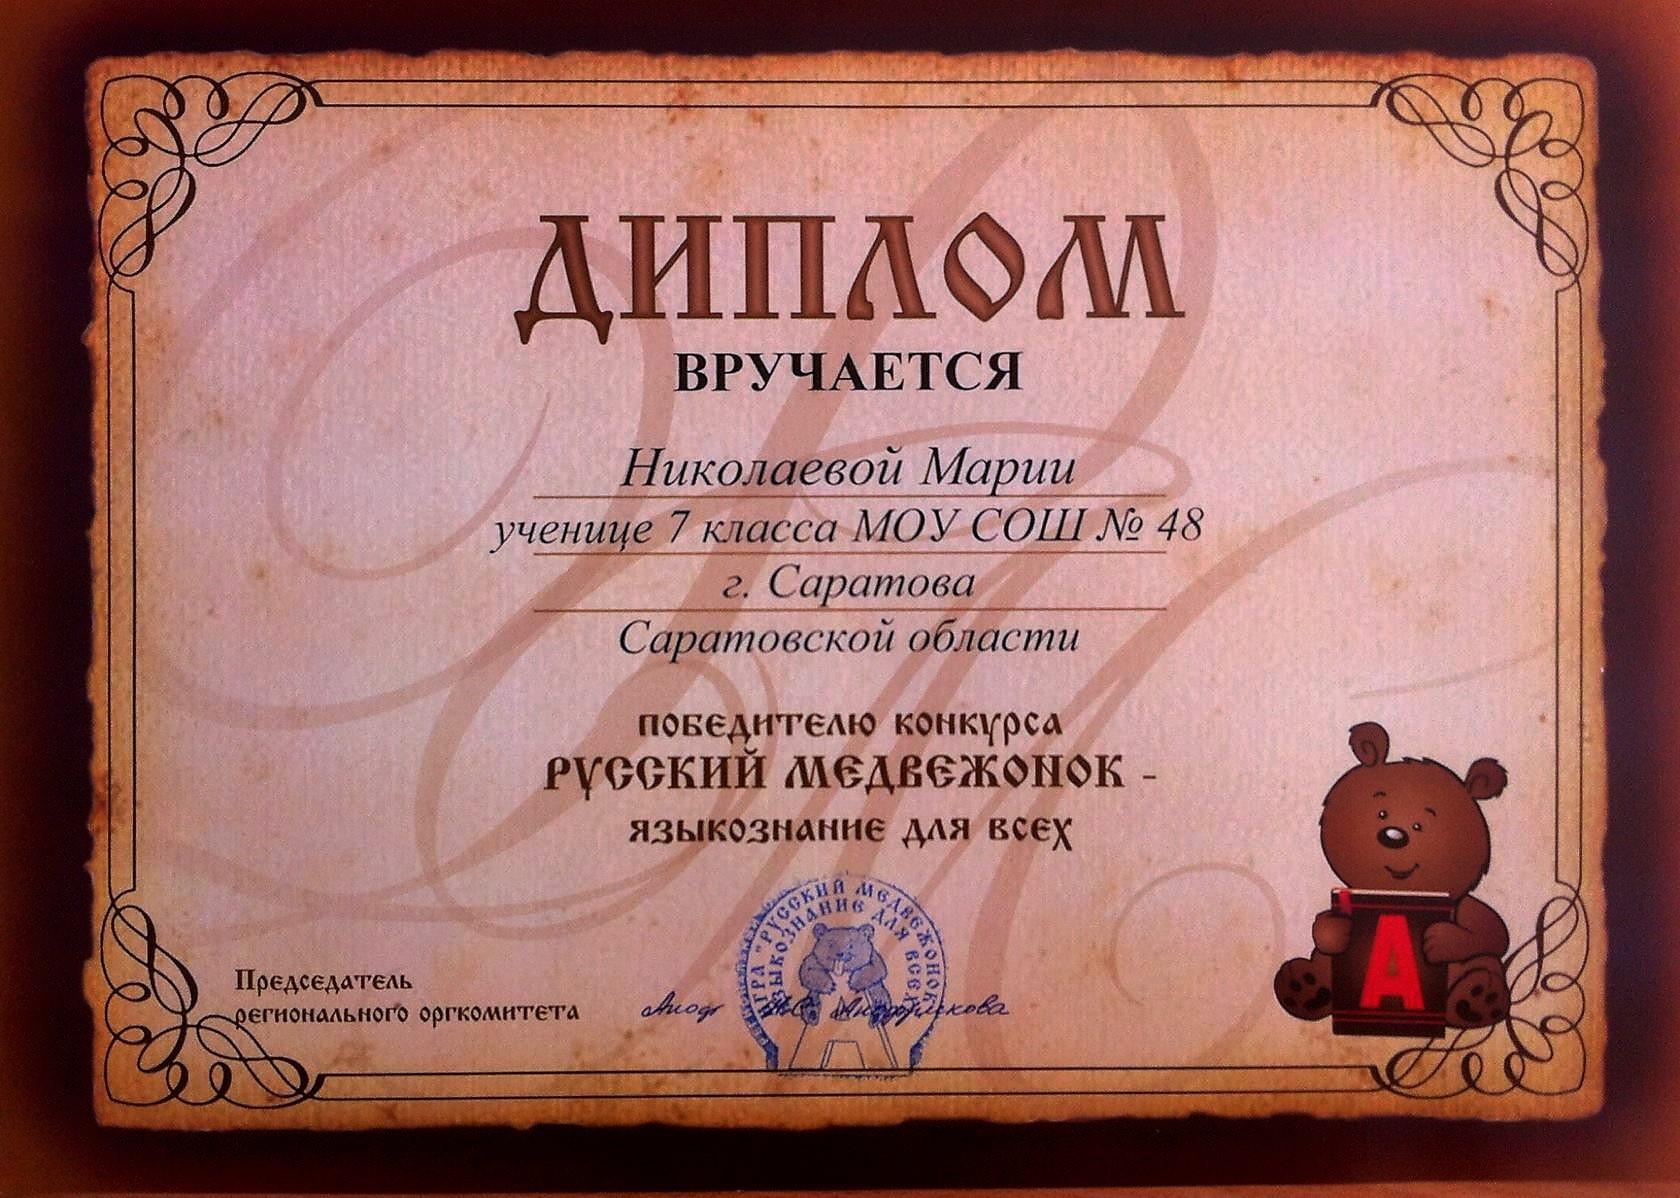 Конкурсы русский медвежонок 2018-2018